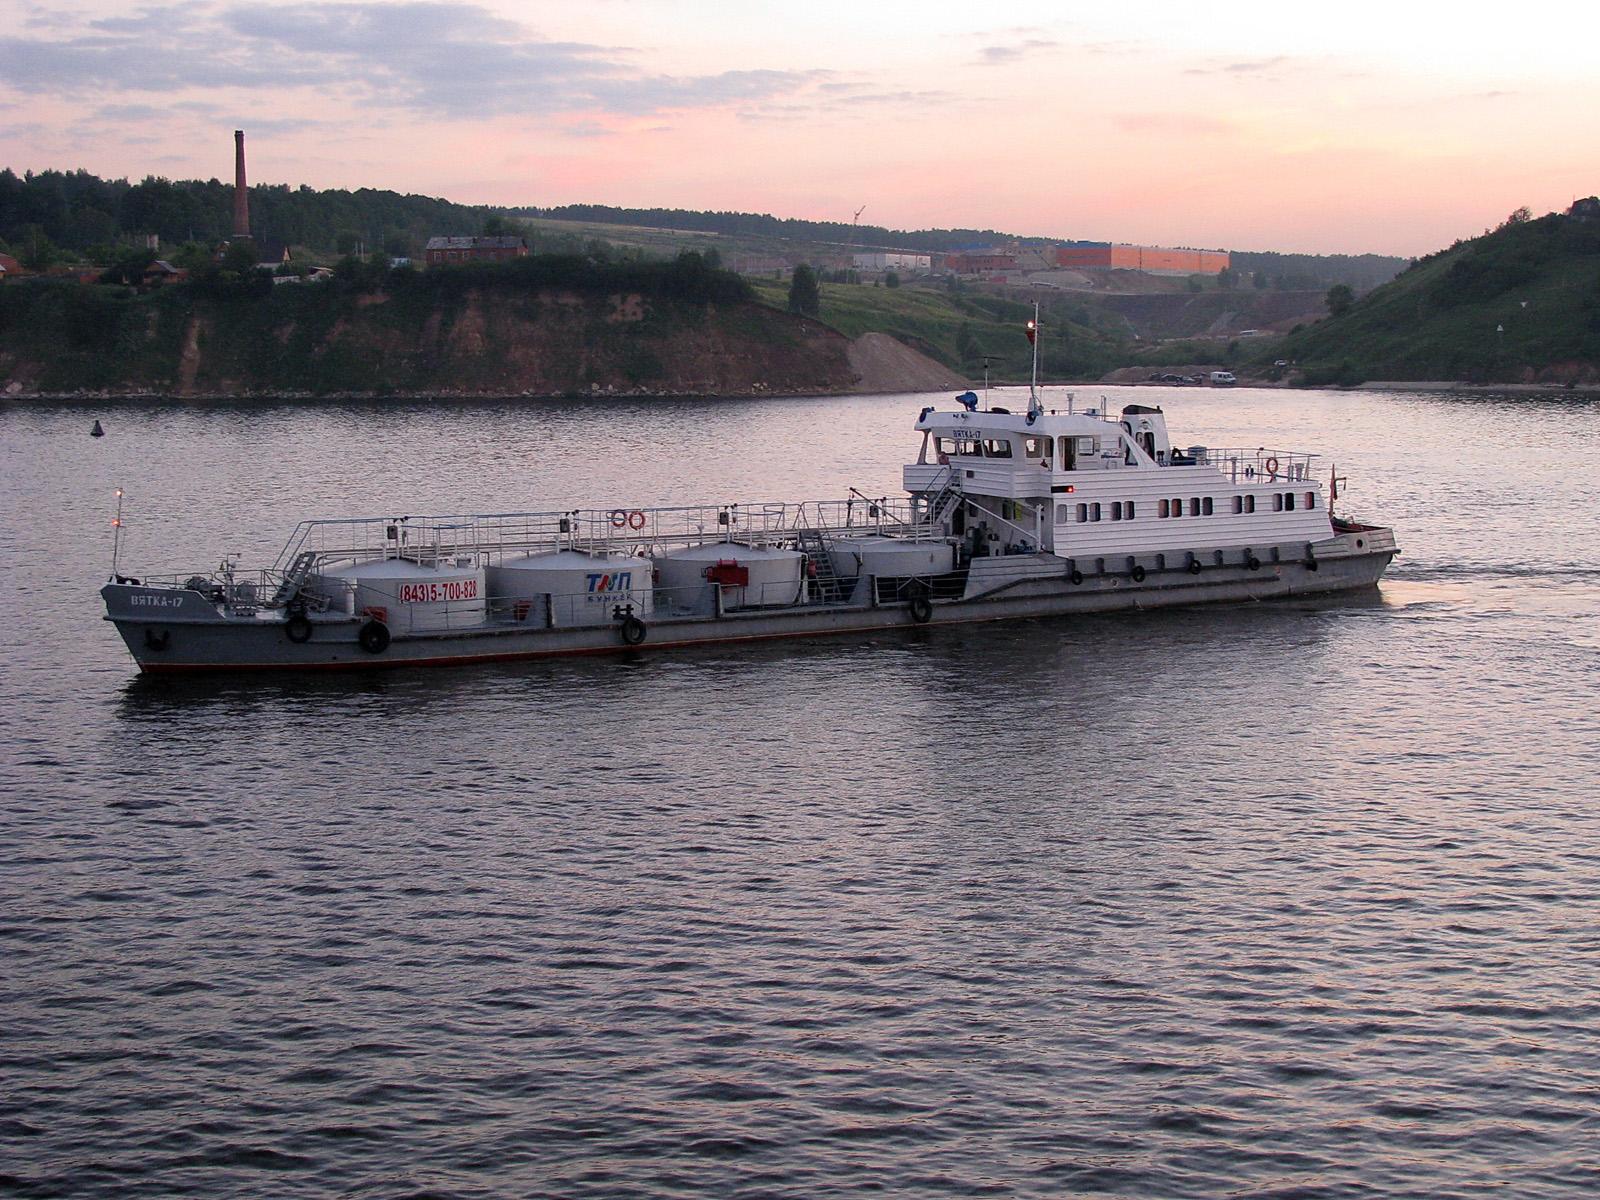 фото речной флот на каме фото приправы убрала